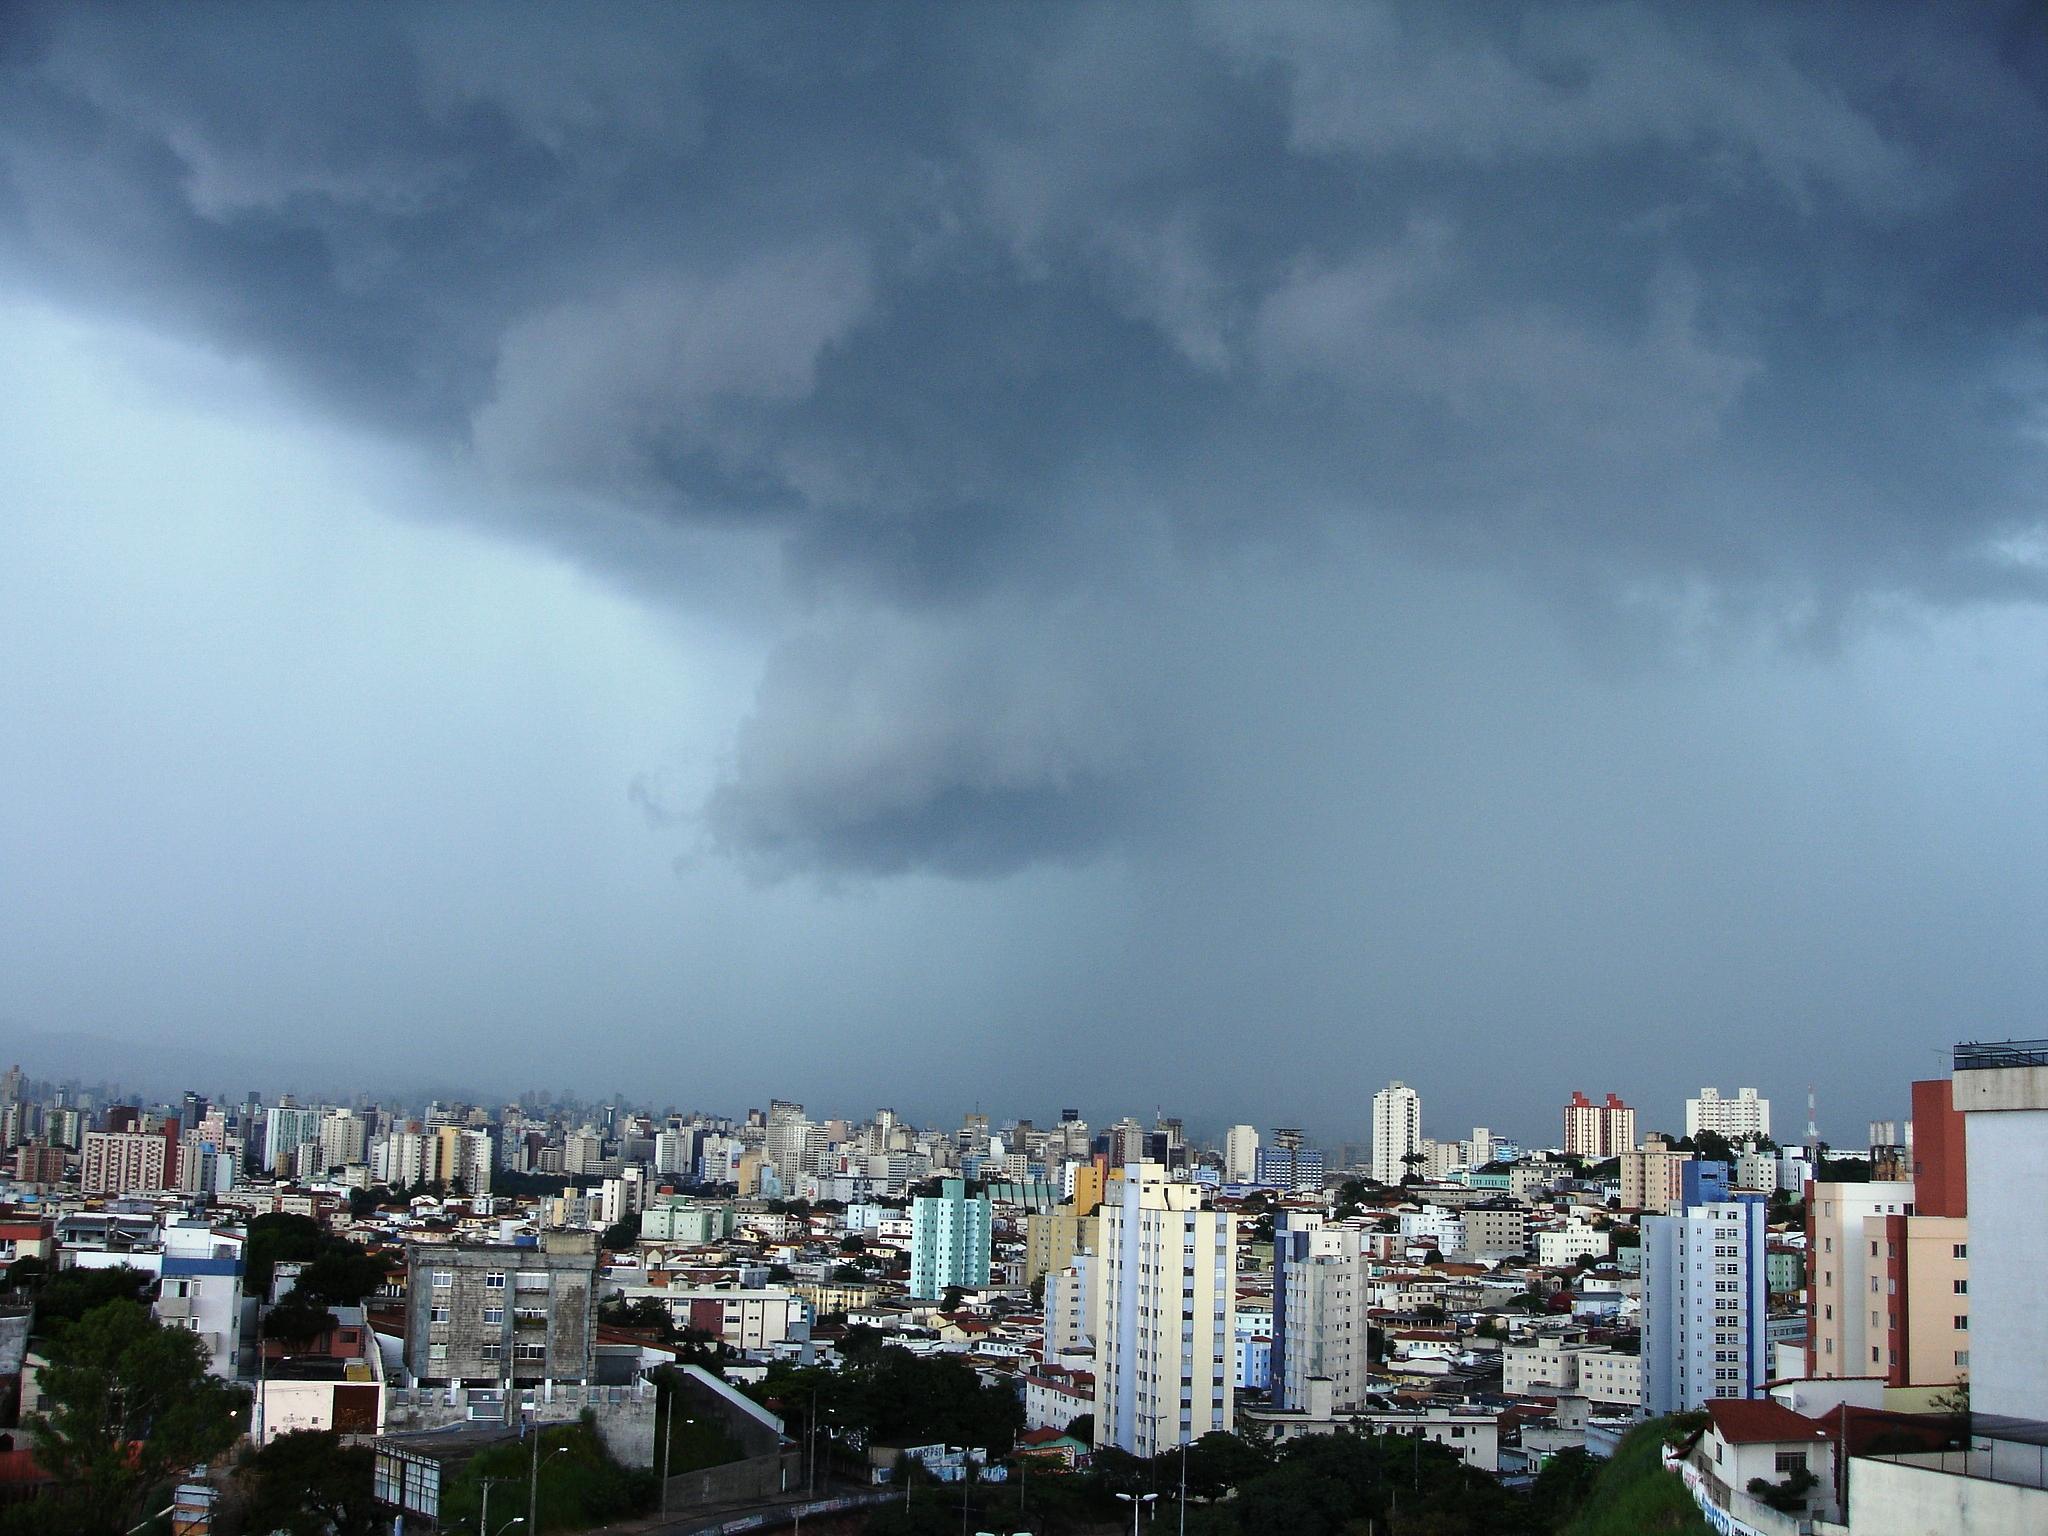 Dia de chuva by Ricardo Resende